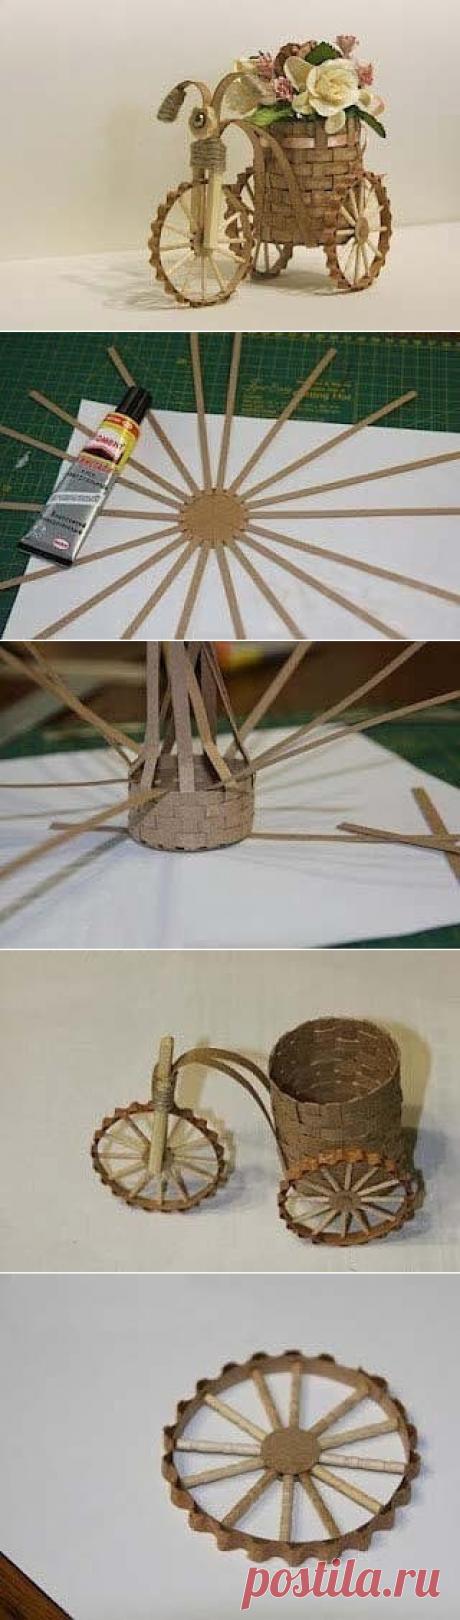 Декоративный велосипед своими руками — Сделай сам, идеи для творчества - DIY Ideas